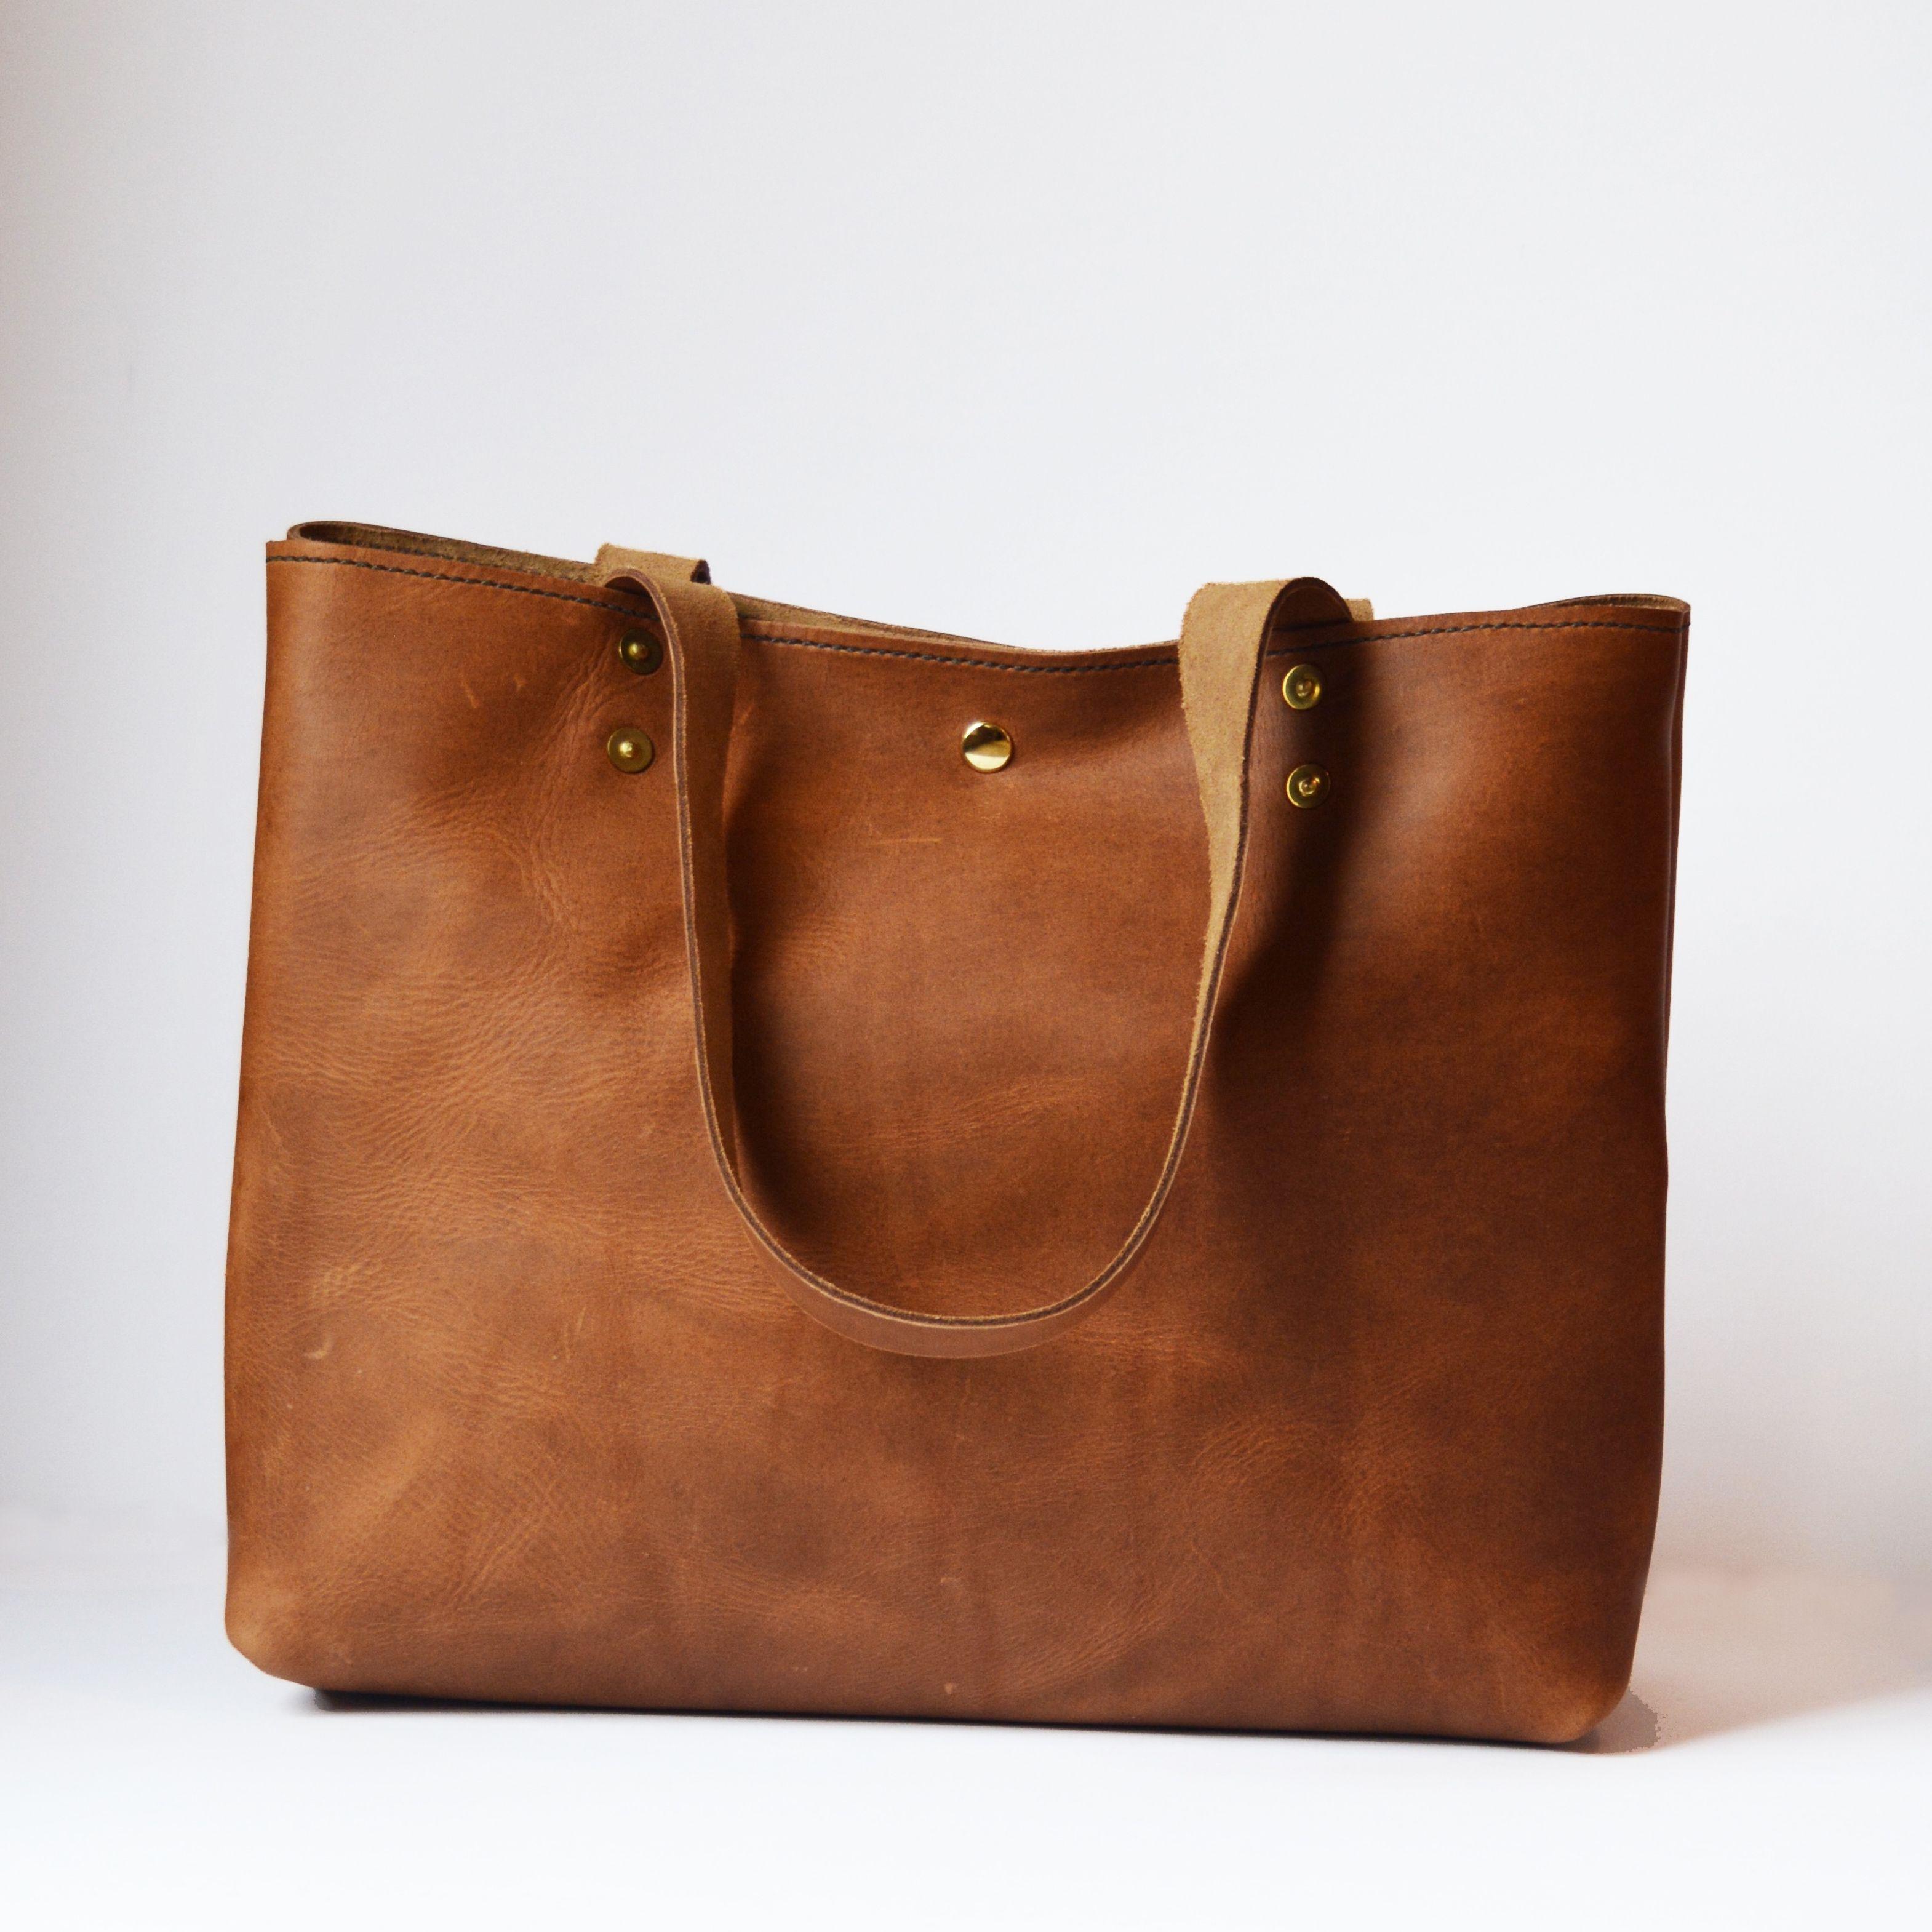 Leather Tote in Cognac a47d89d6c00d2